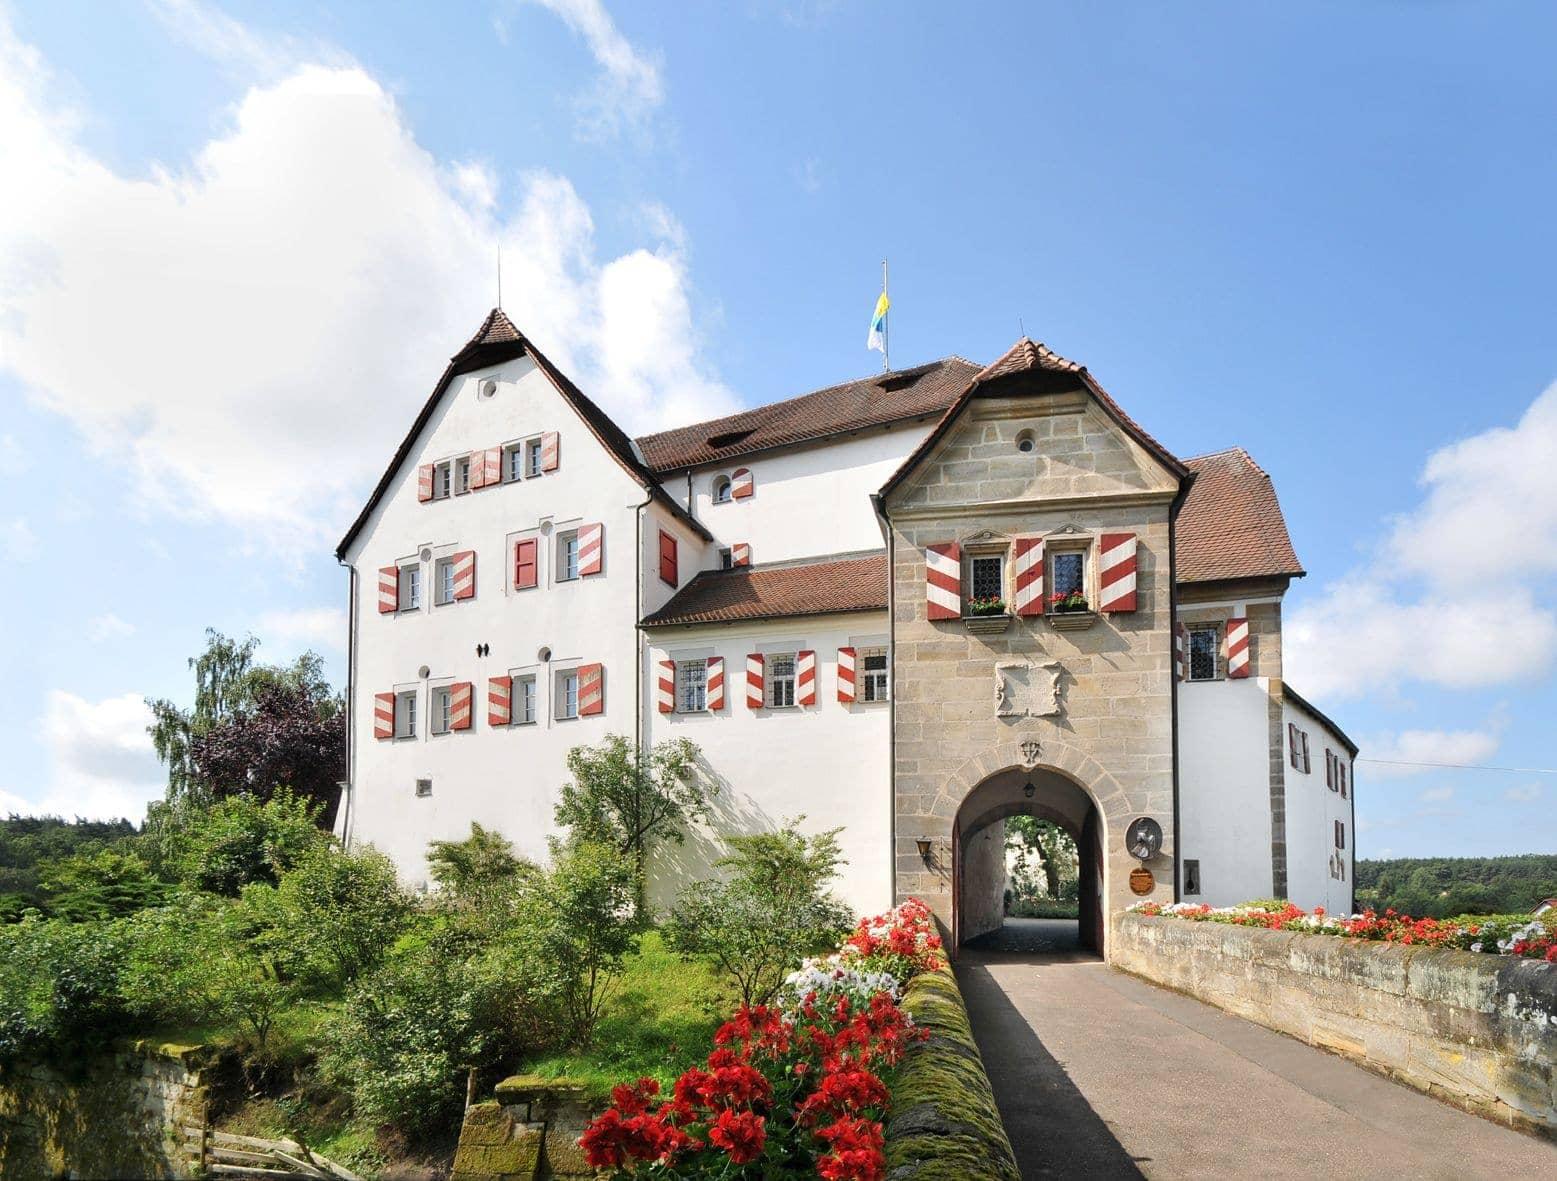 Hochzeit auf Schloss Henfenfeld in Henfenfeld  Hochzeiten